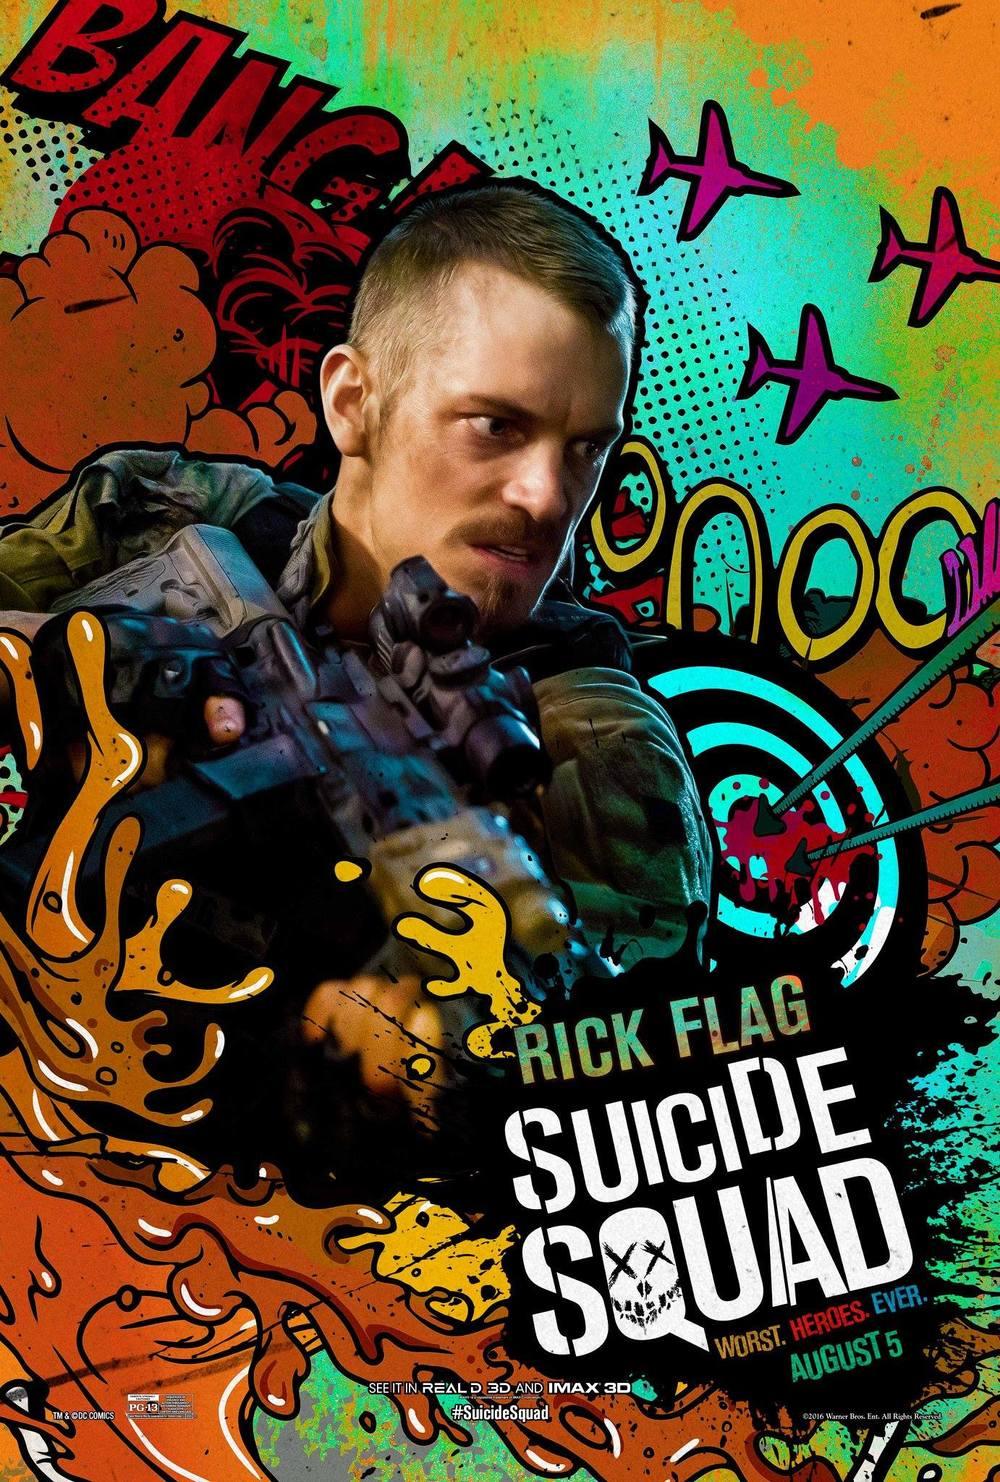 Rick Flagg Suicide Squad Joel Kinnaman